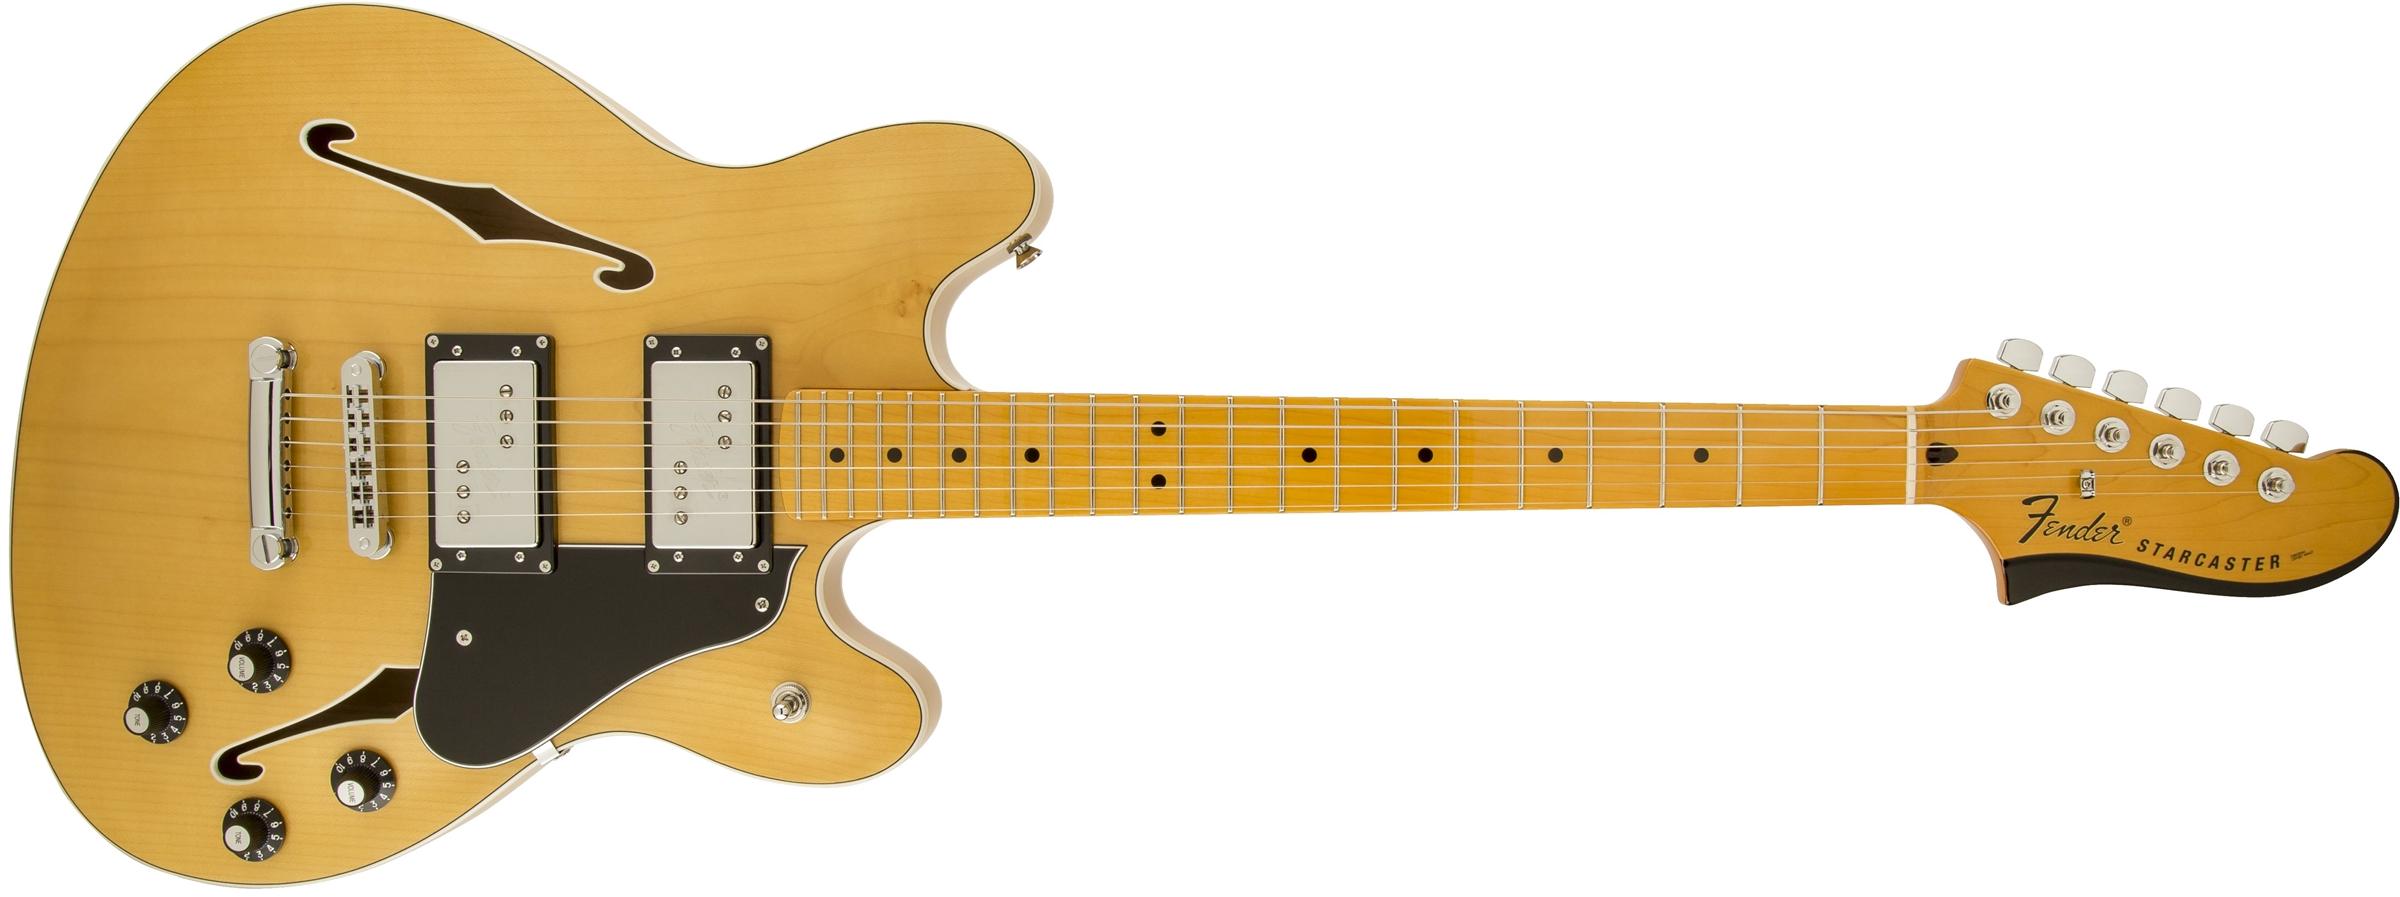 Fender Starcaster 174 Maple Fingerboard Natural